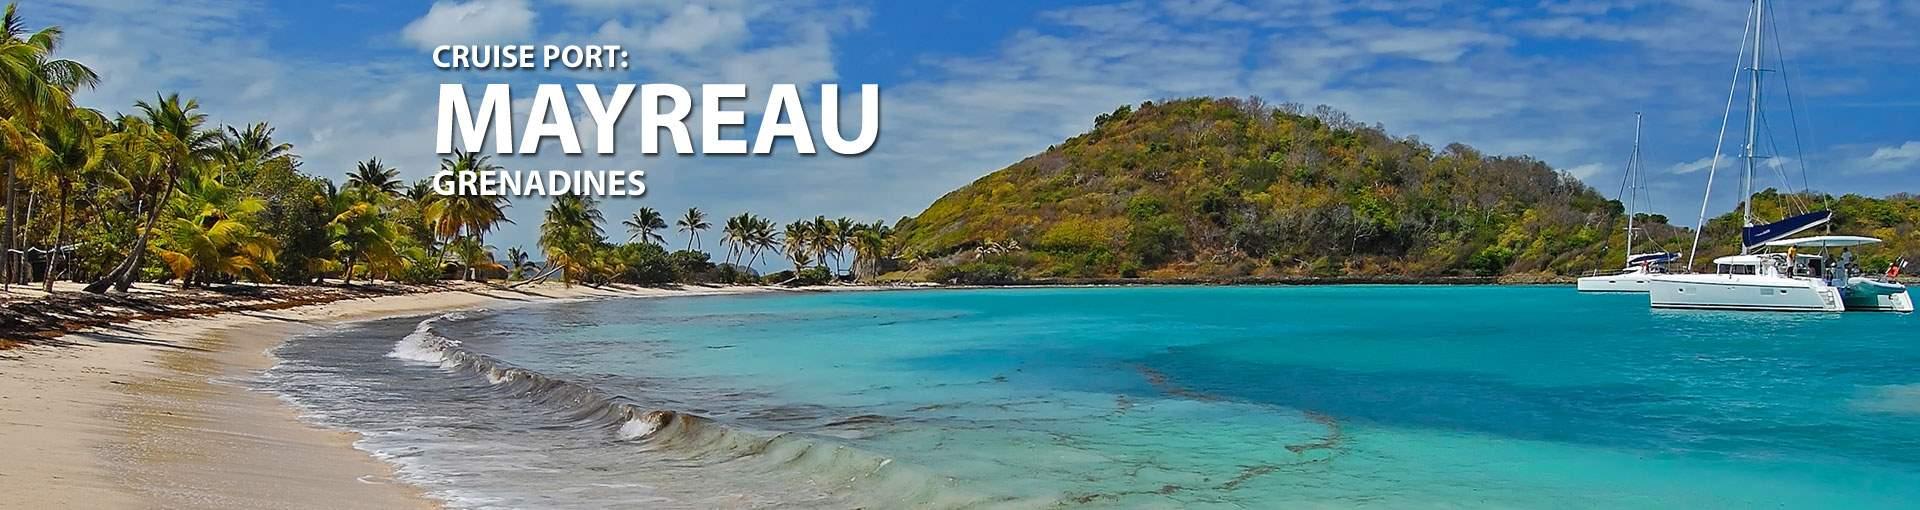 Cruises to Mayreau, Grenadines